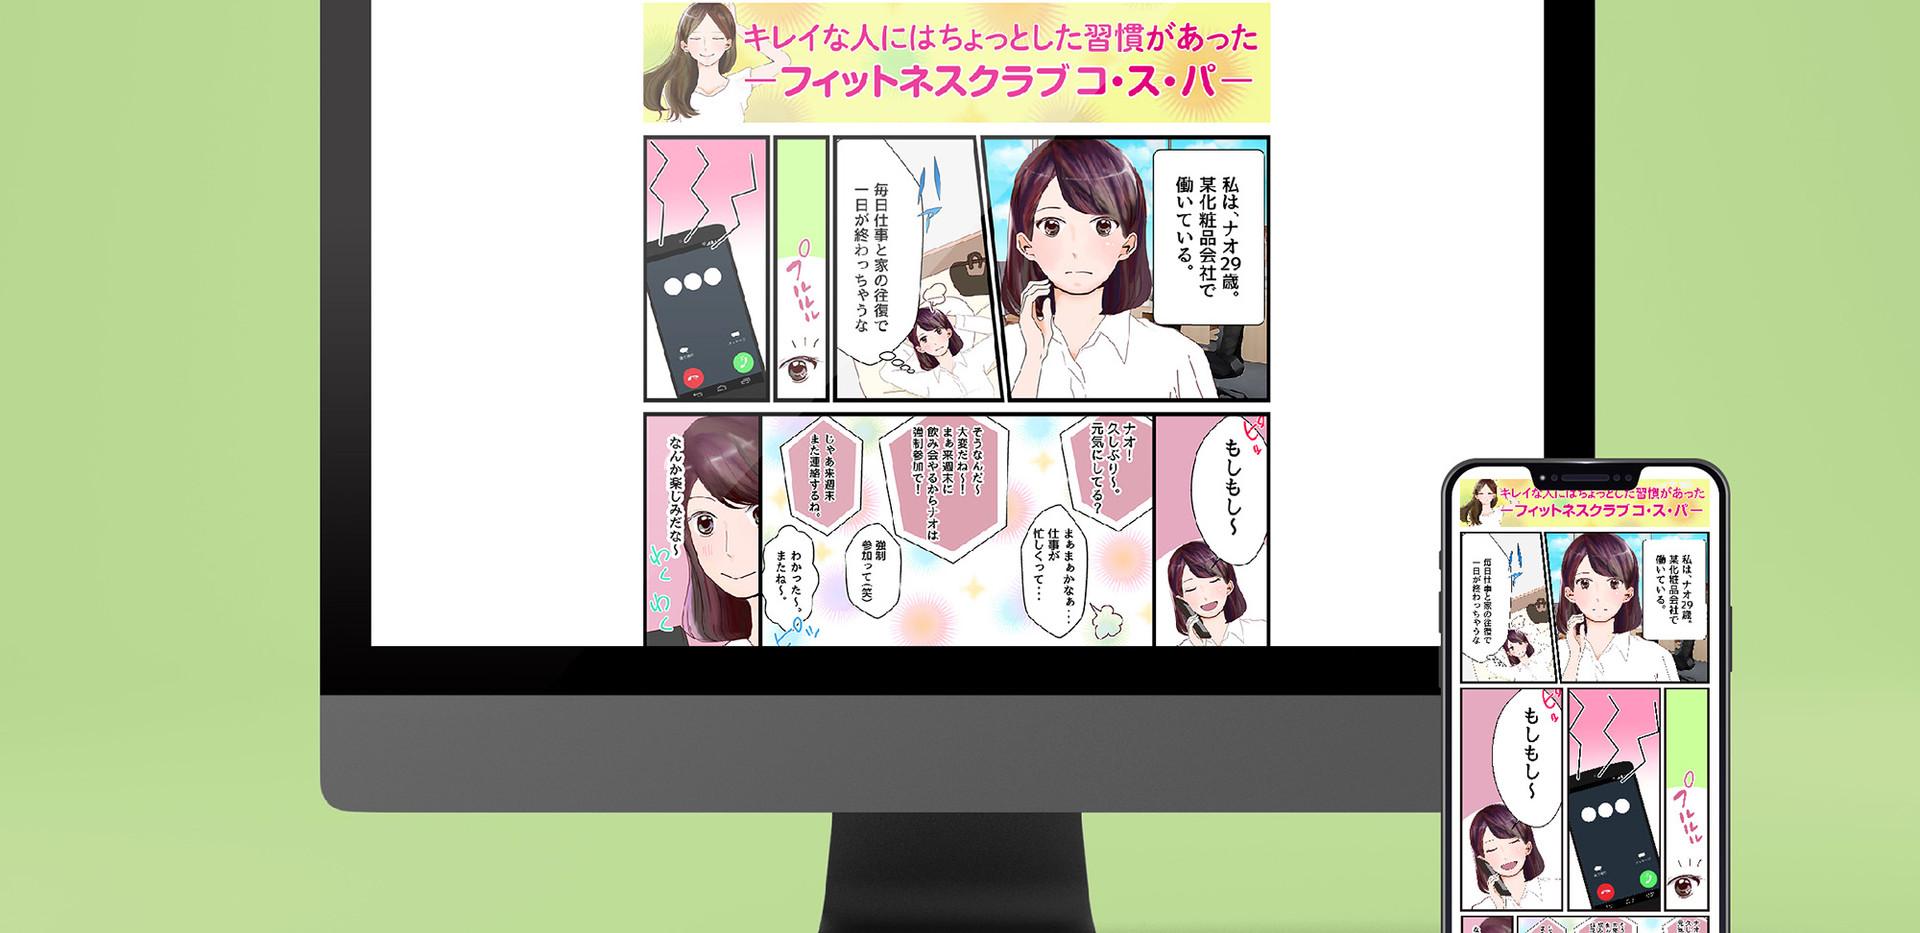 実績_OGスポーツ_漫画03.jpg